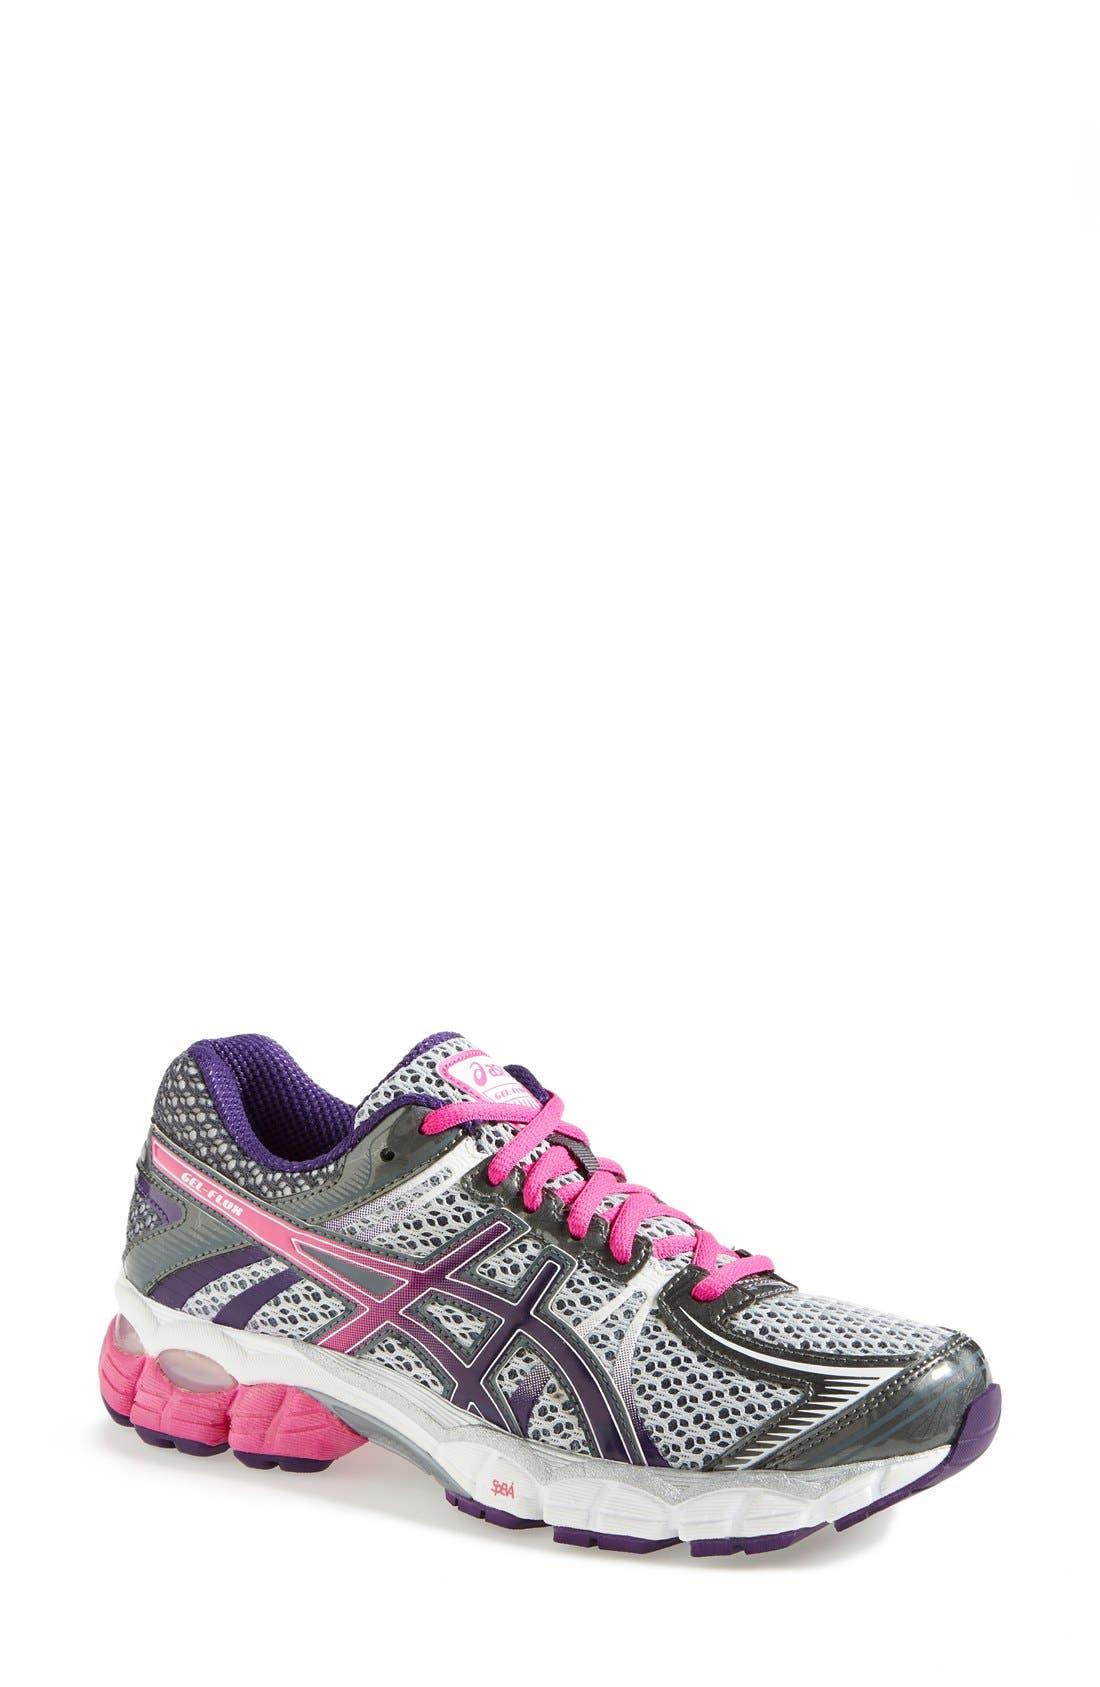 Alternate Image 1 Selected - ASICS® 'GEL-Flux' Running Shoe (Women)